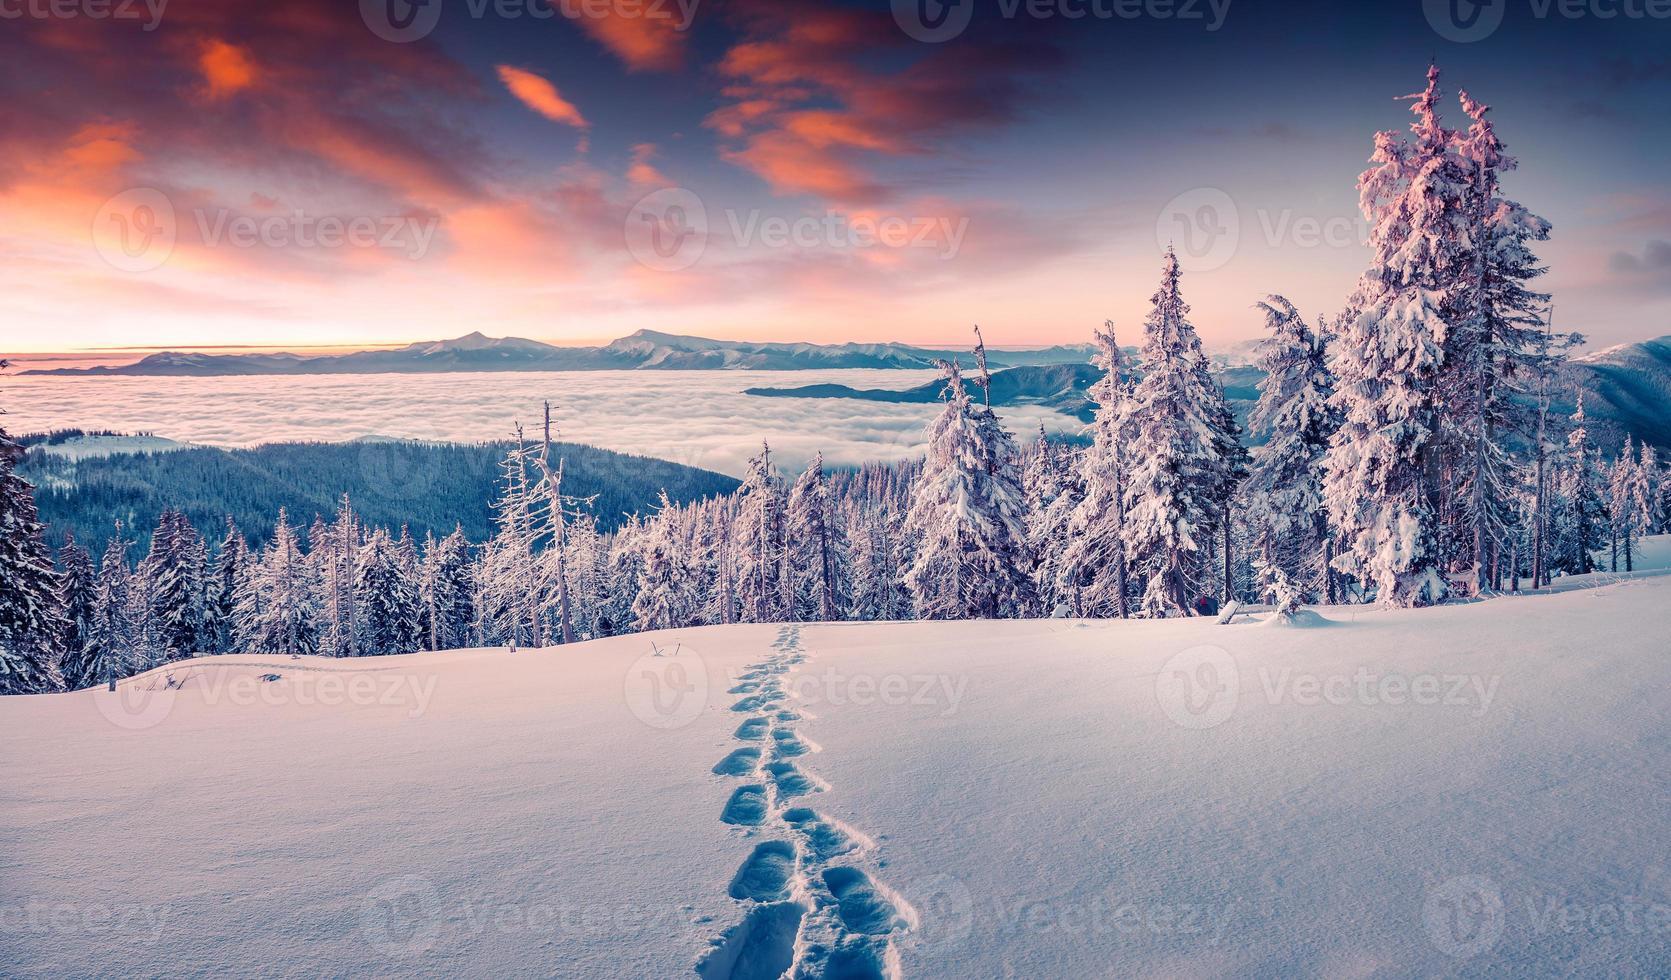 amanecer de invierno brumoso en la montaña nevada foto